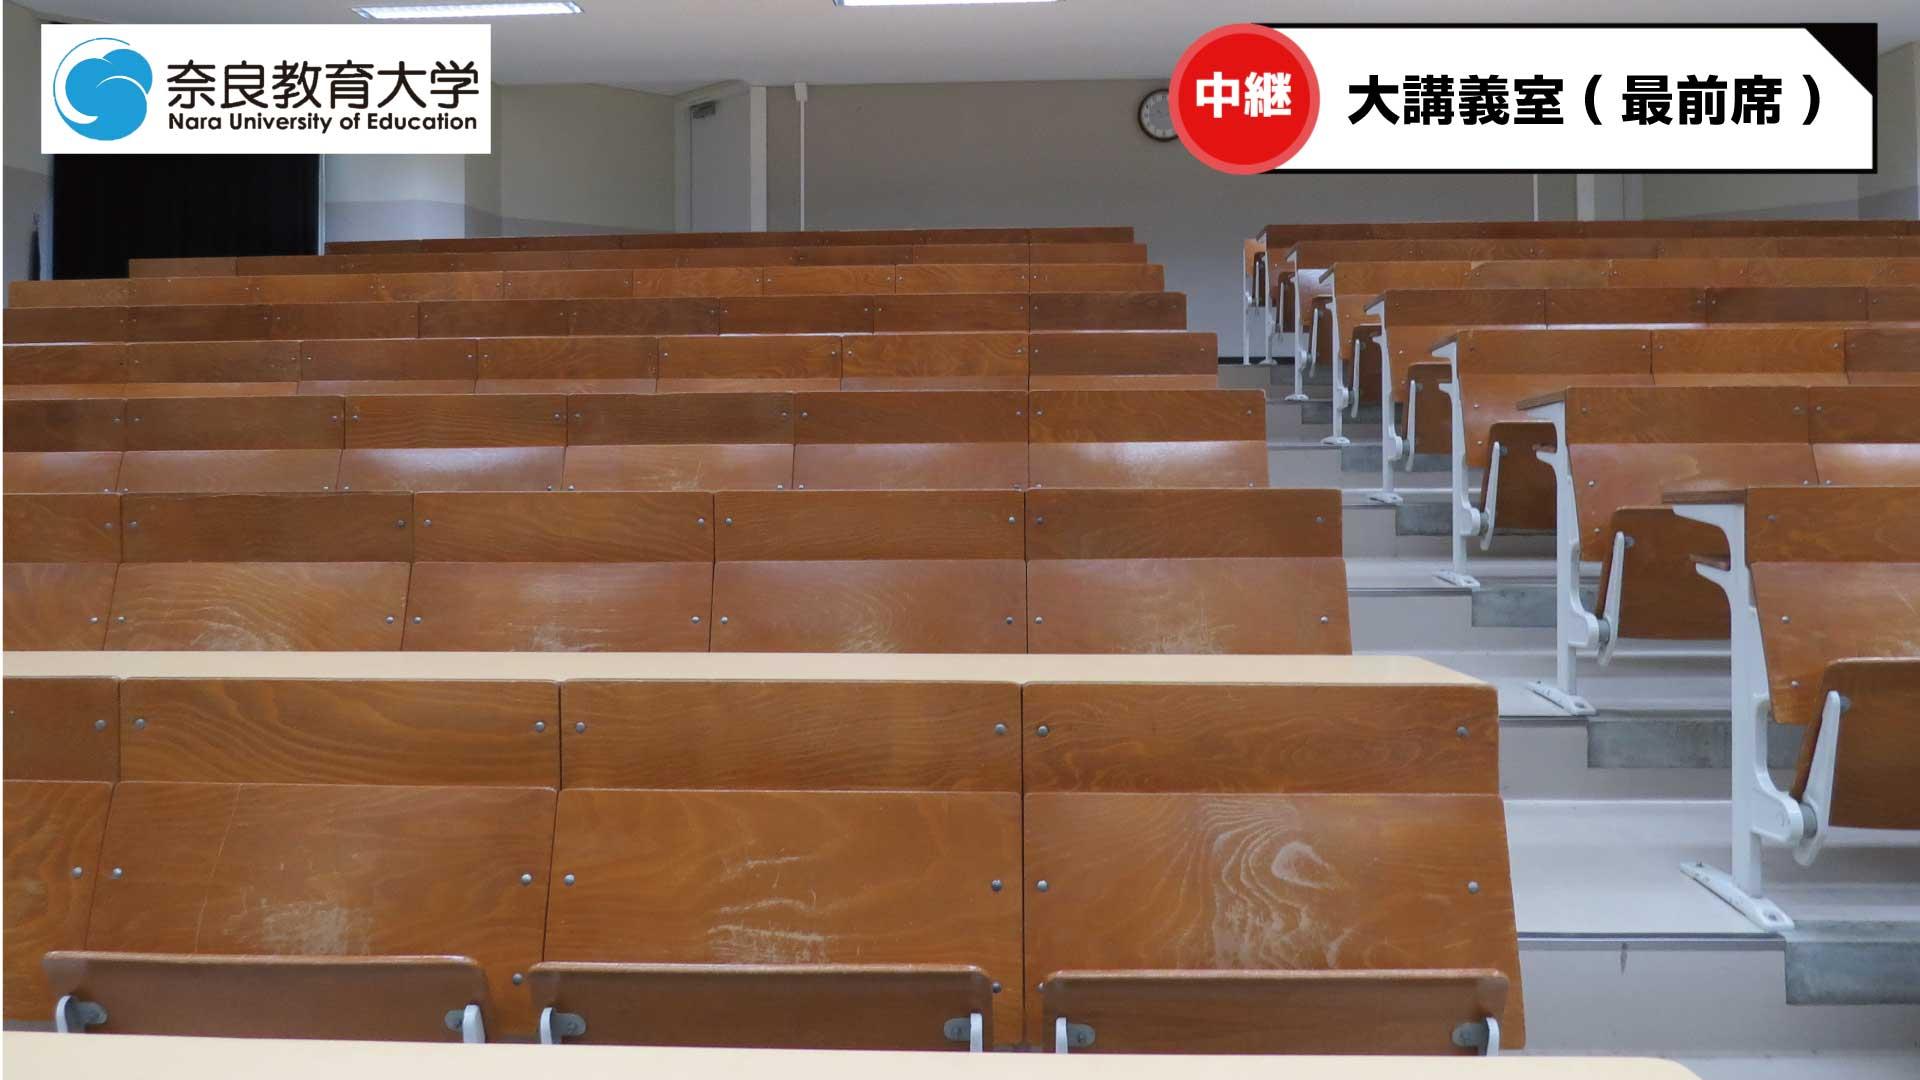 大講義室(最前席).jpg